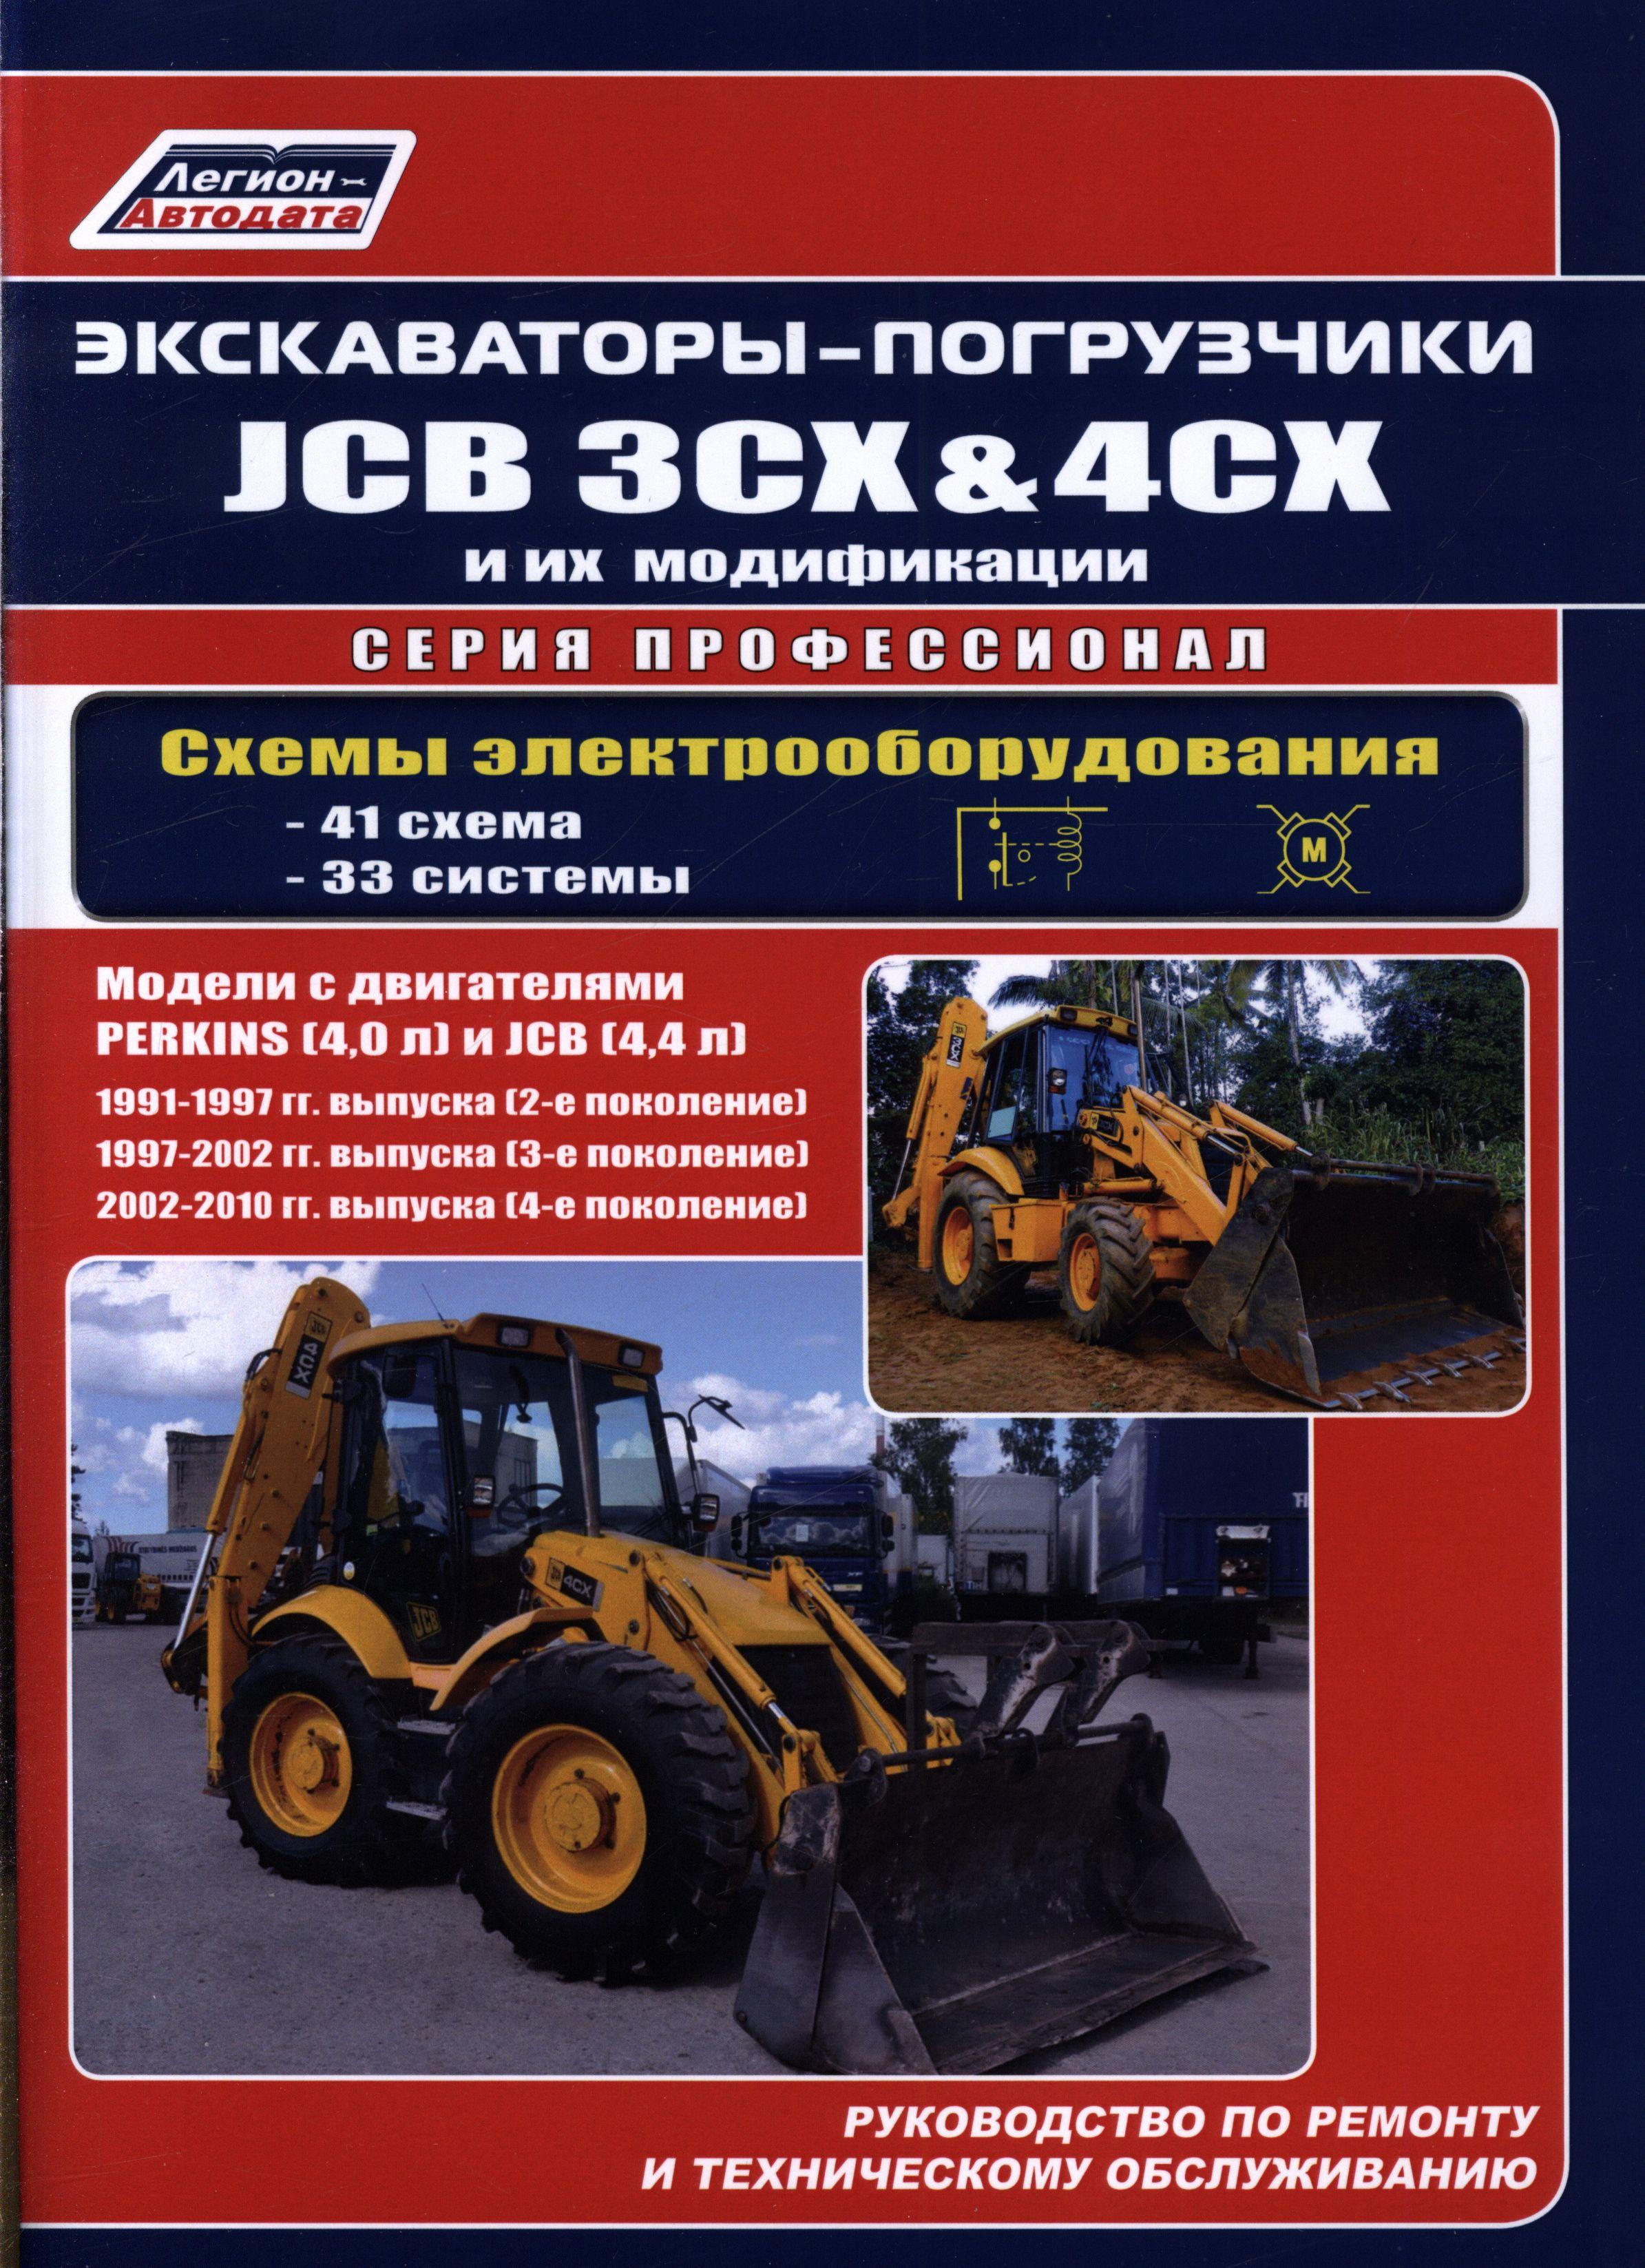 Экскаватор-погрузчик JCB 3CX & 4CX и модификации 1991-2010 + Схемы электрооборудования